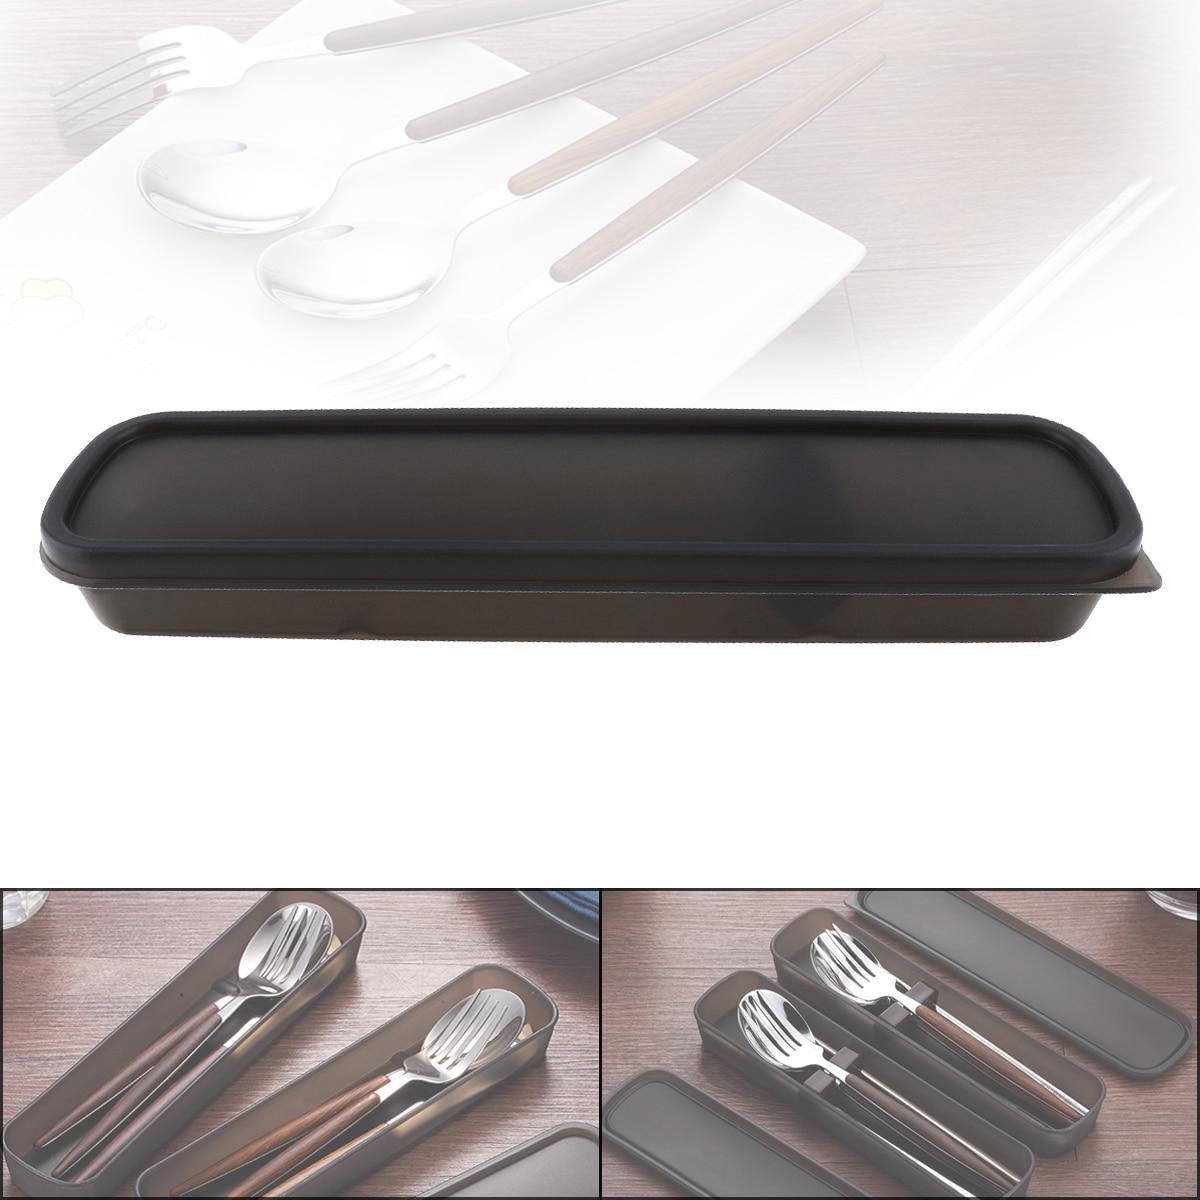 Universal Negro portátil cuchillería PP receptáculo caja de almacenamiento de vajilla con almohadilla de silicona